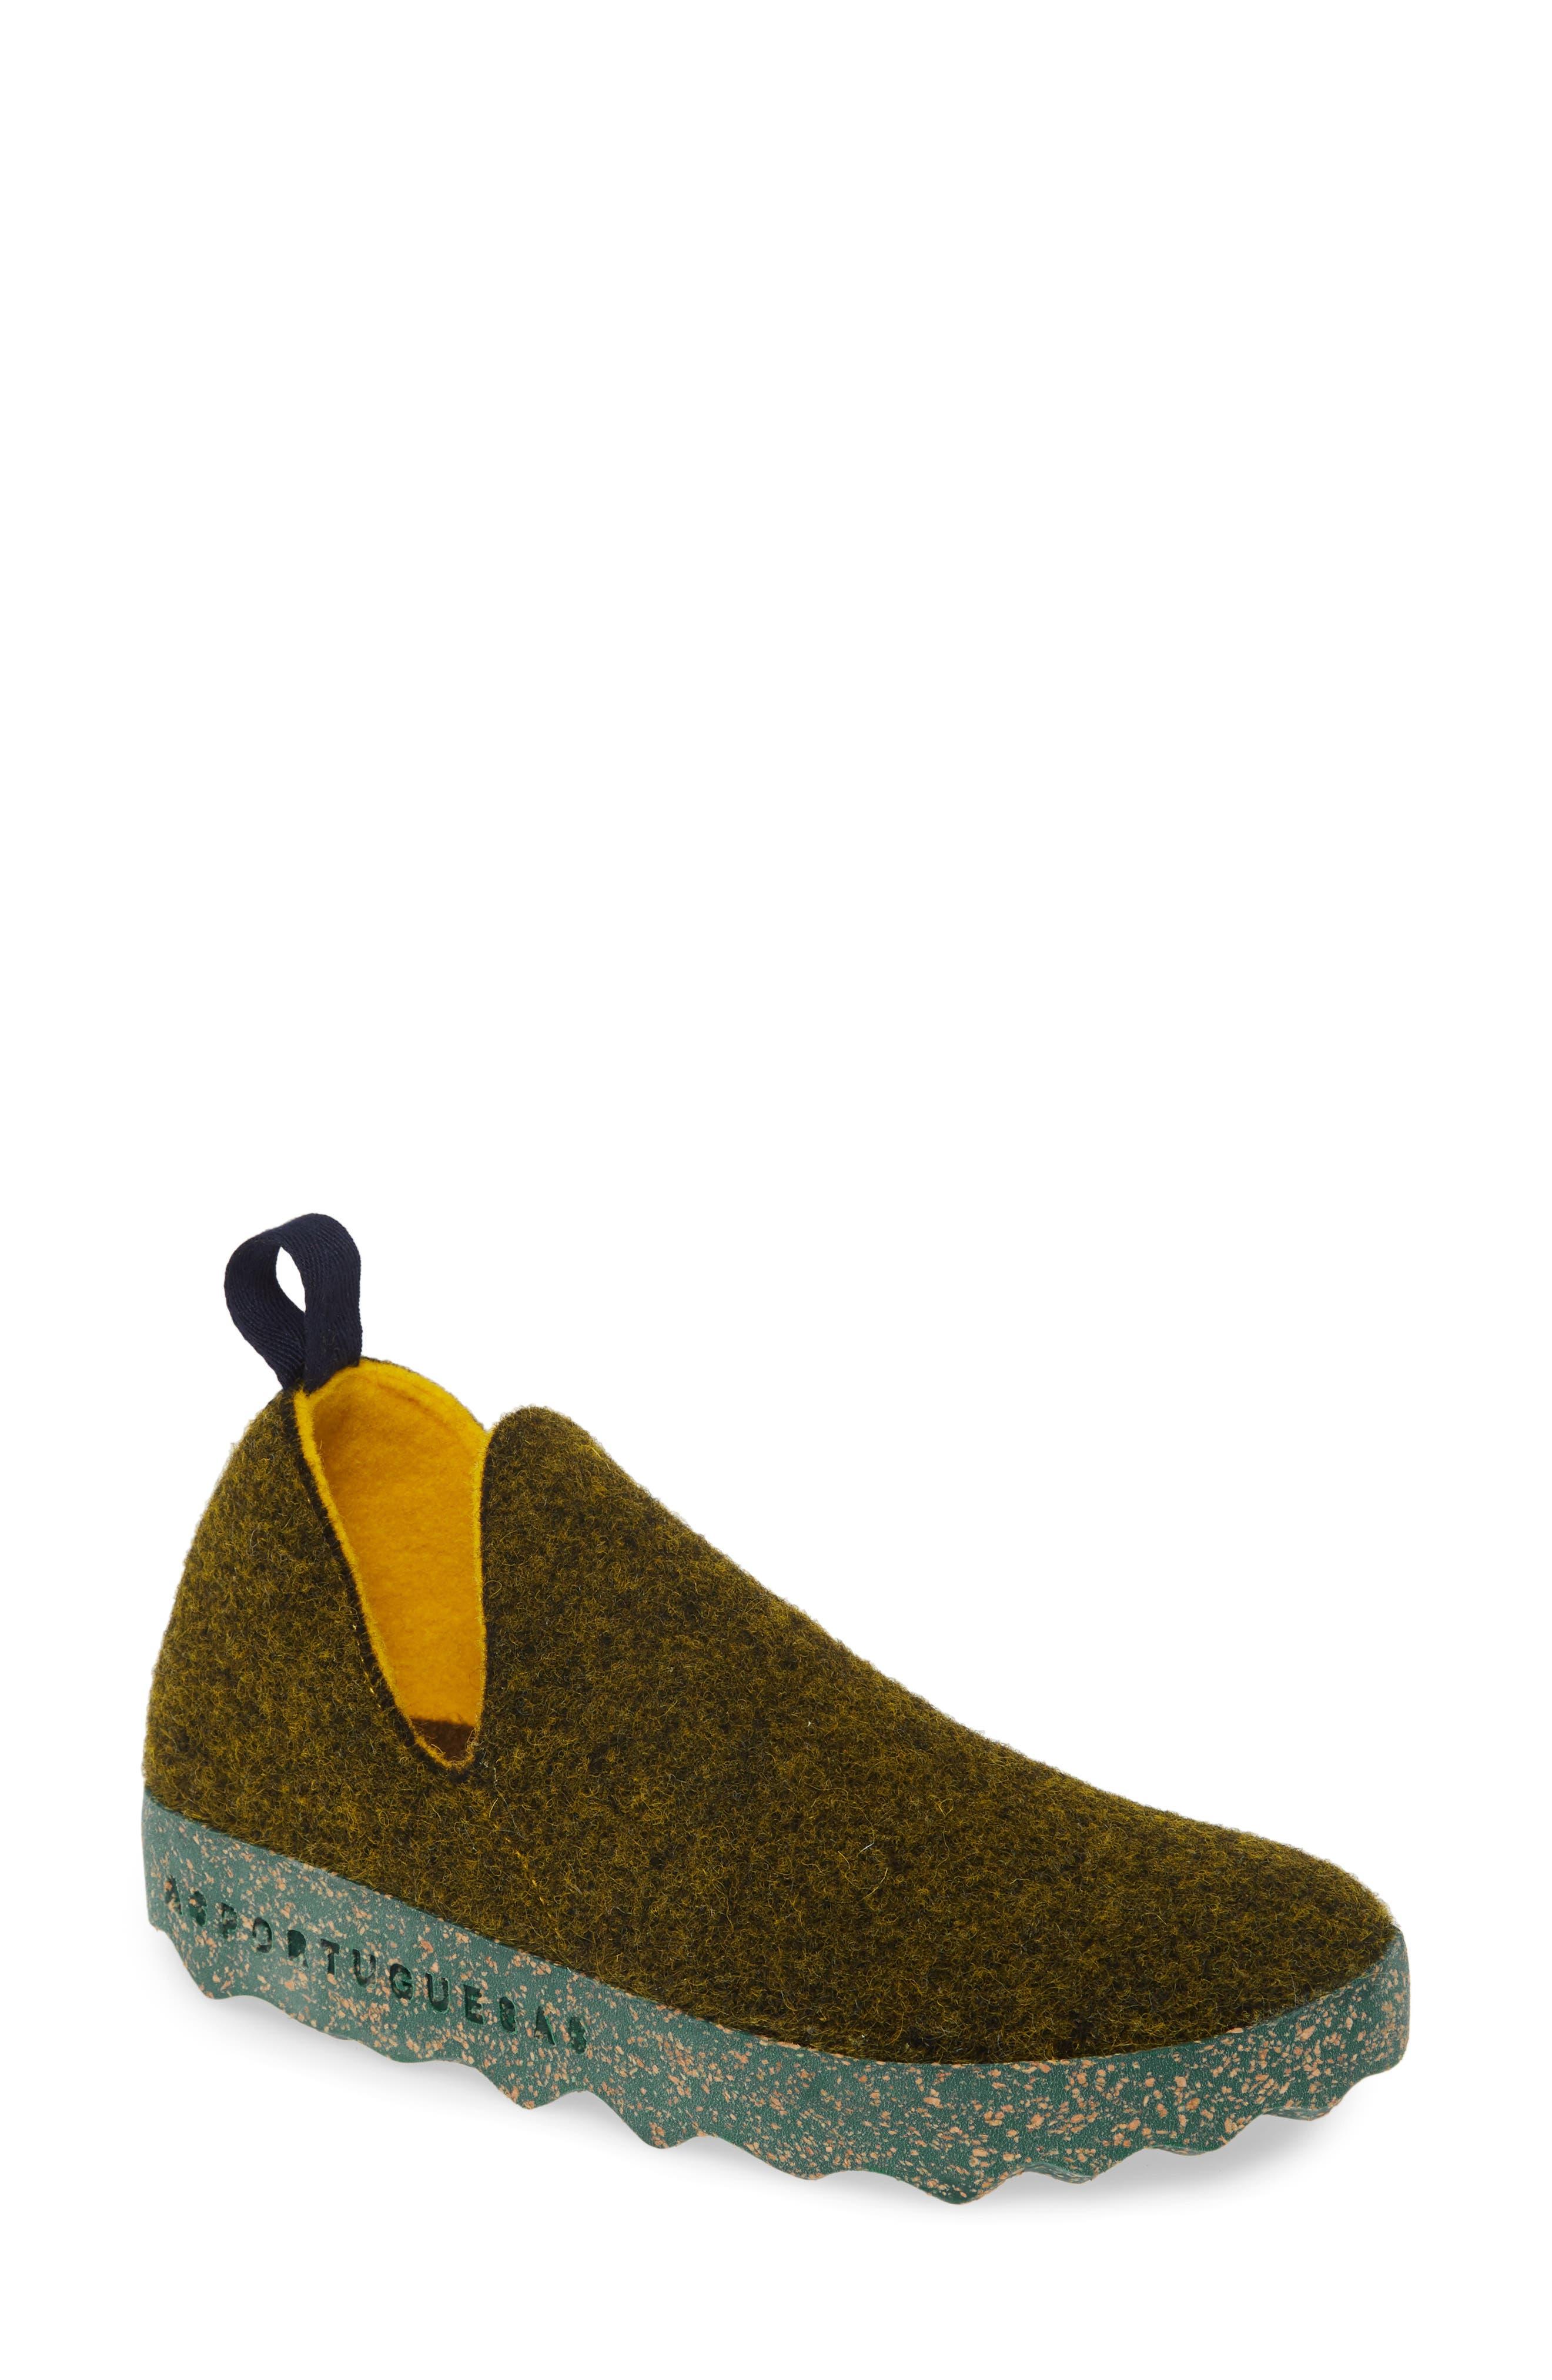 Asportuguesas By Fly London City Sneaker - Blue